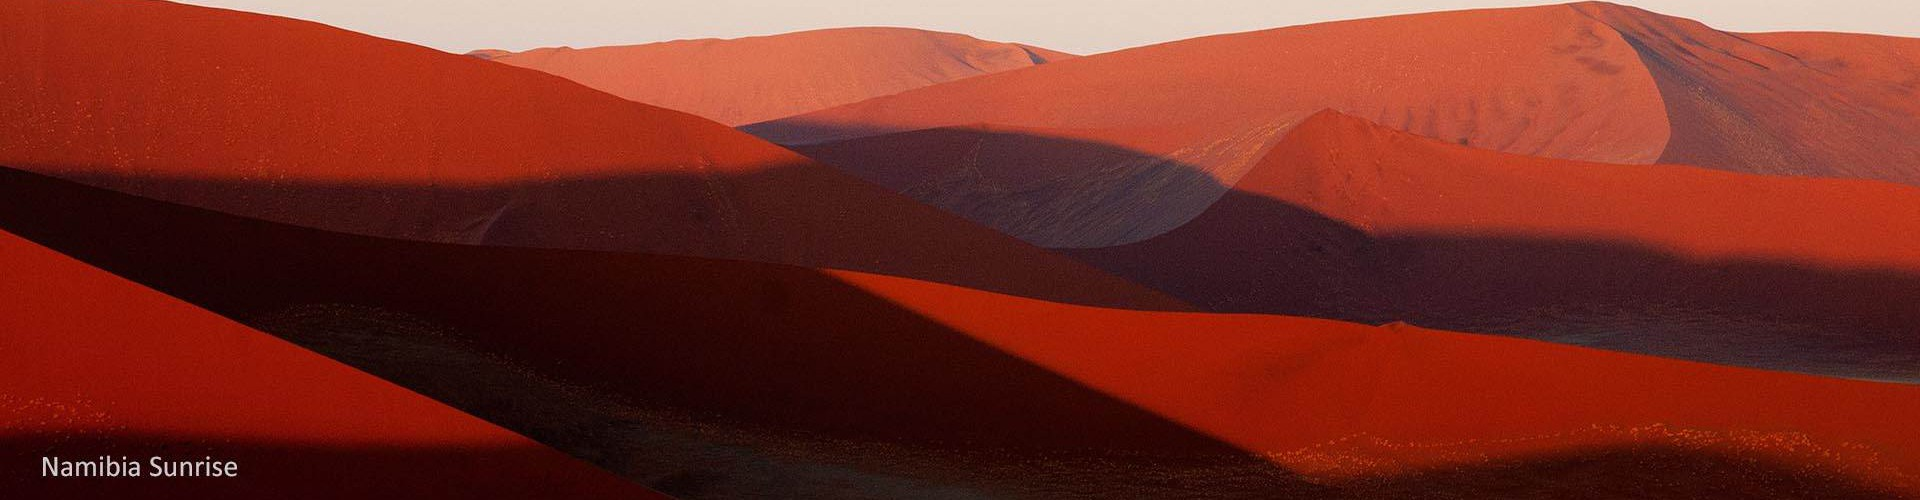 Namibia dunes